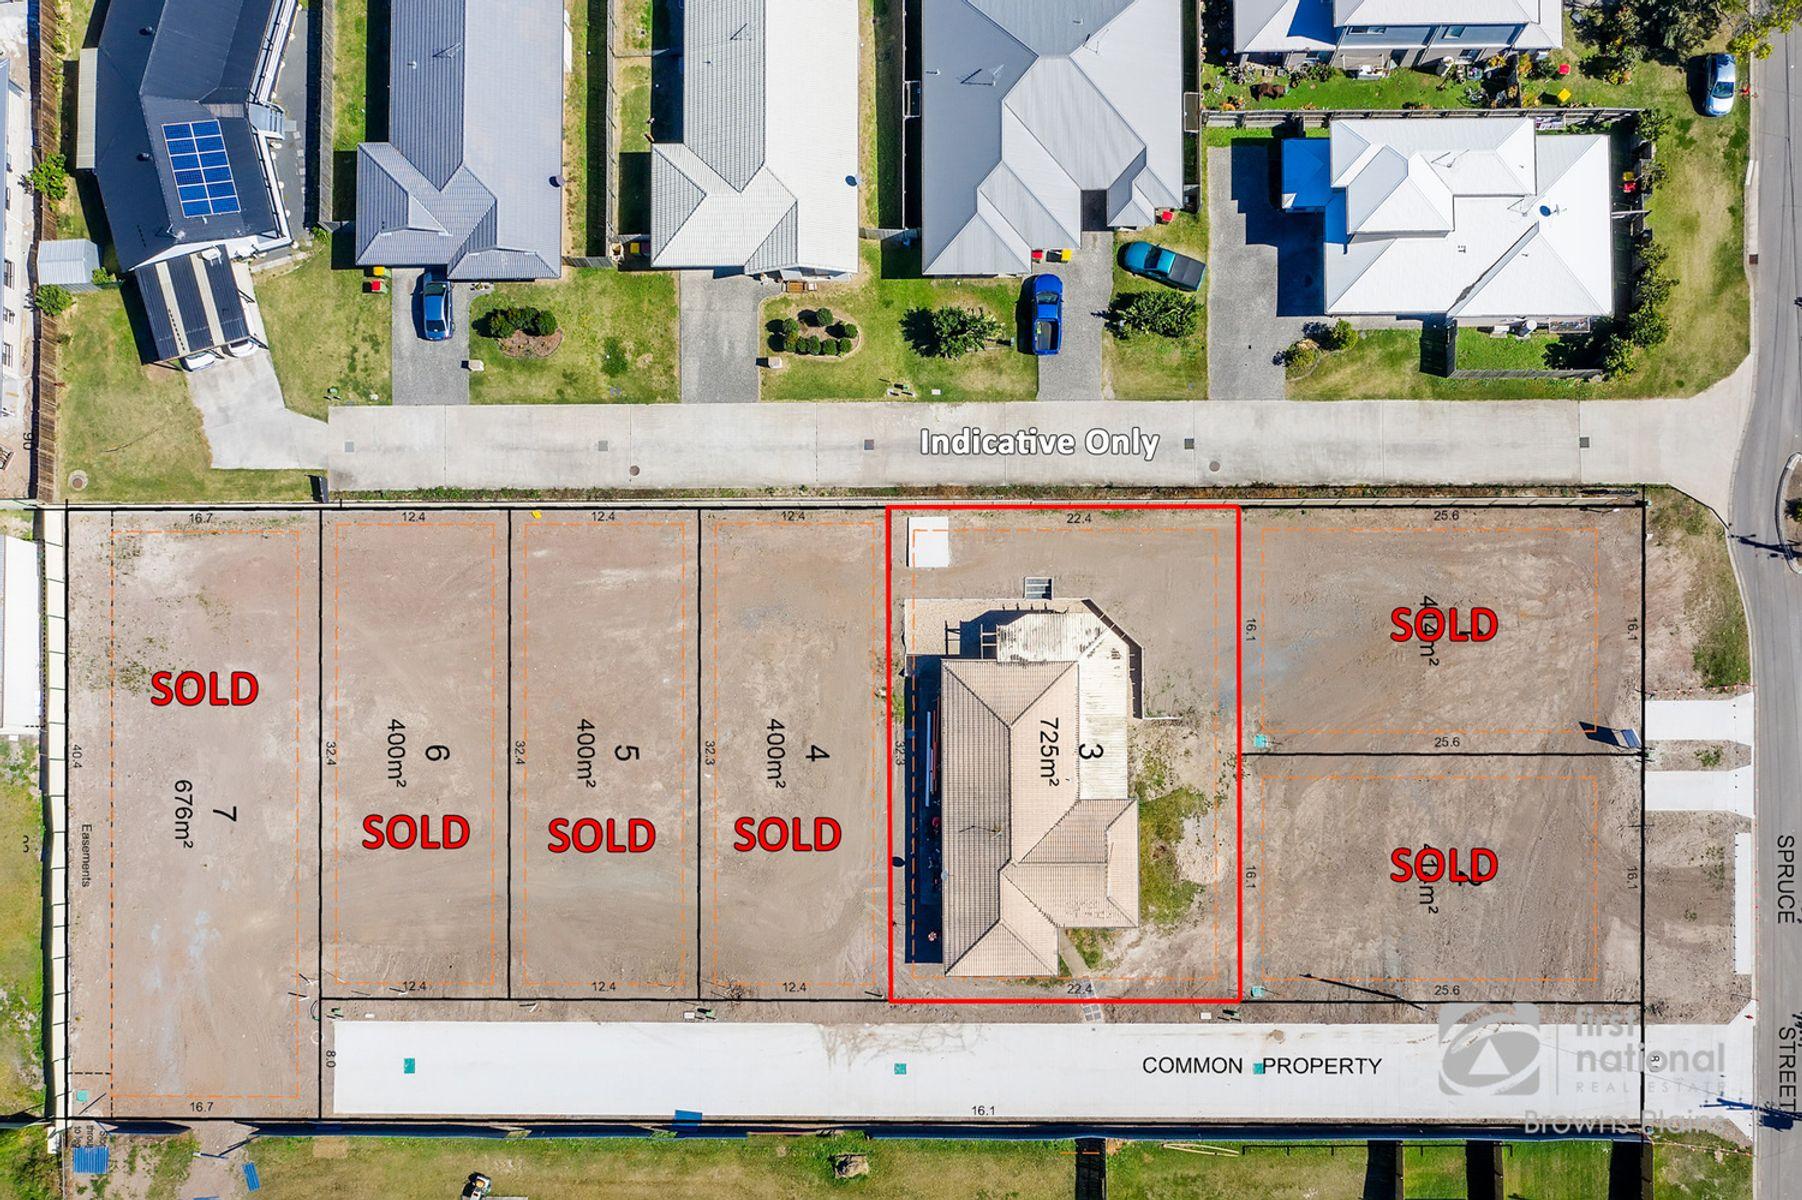 Lot 3/19-21 Spruce Street, Loganlea, QLD 4131